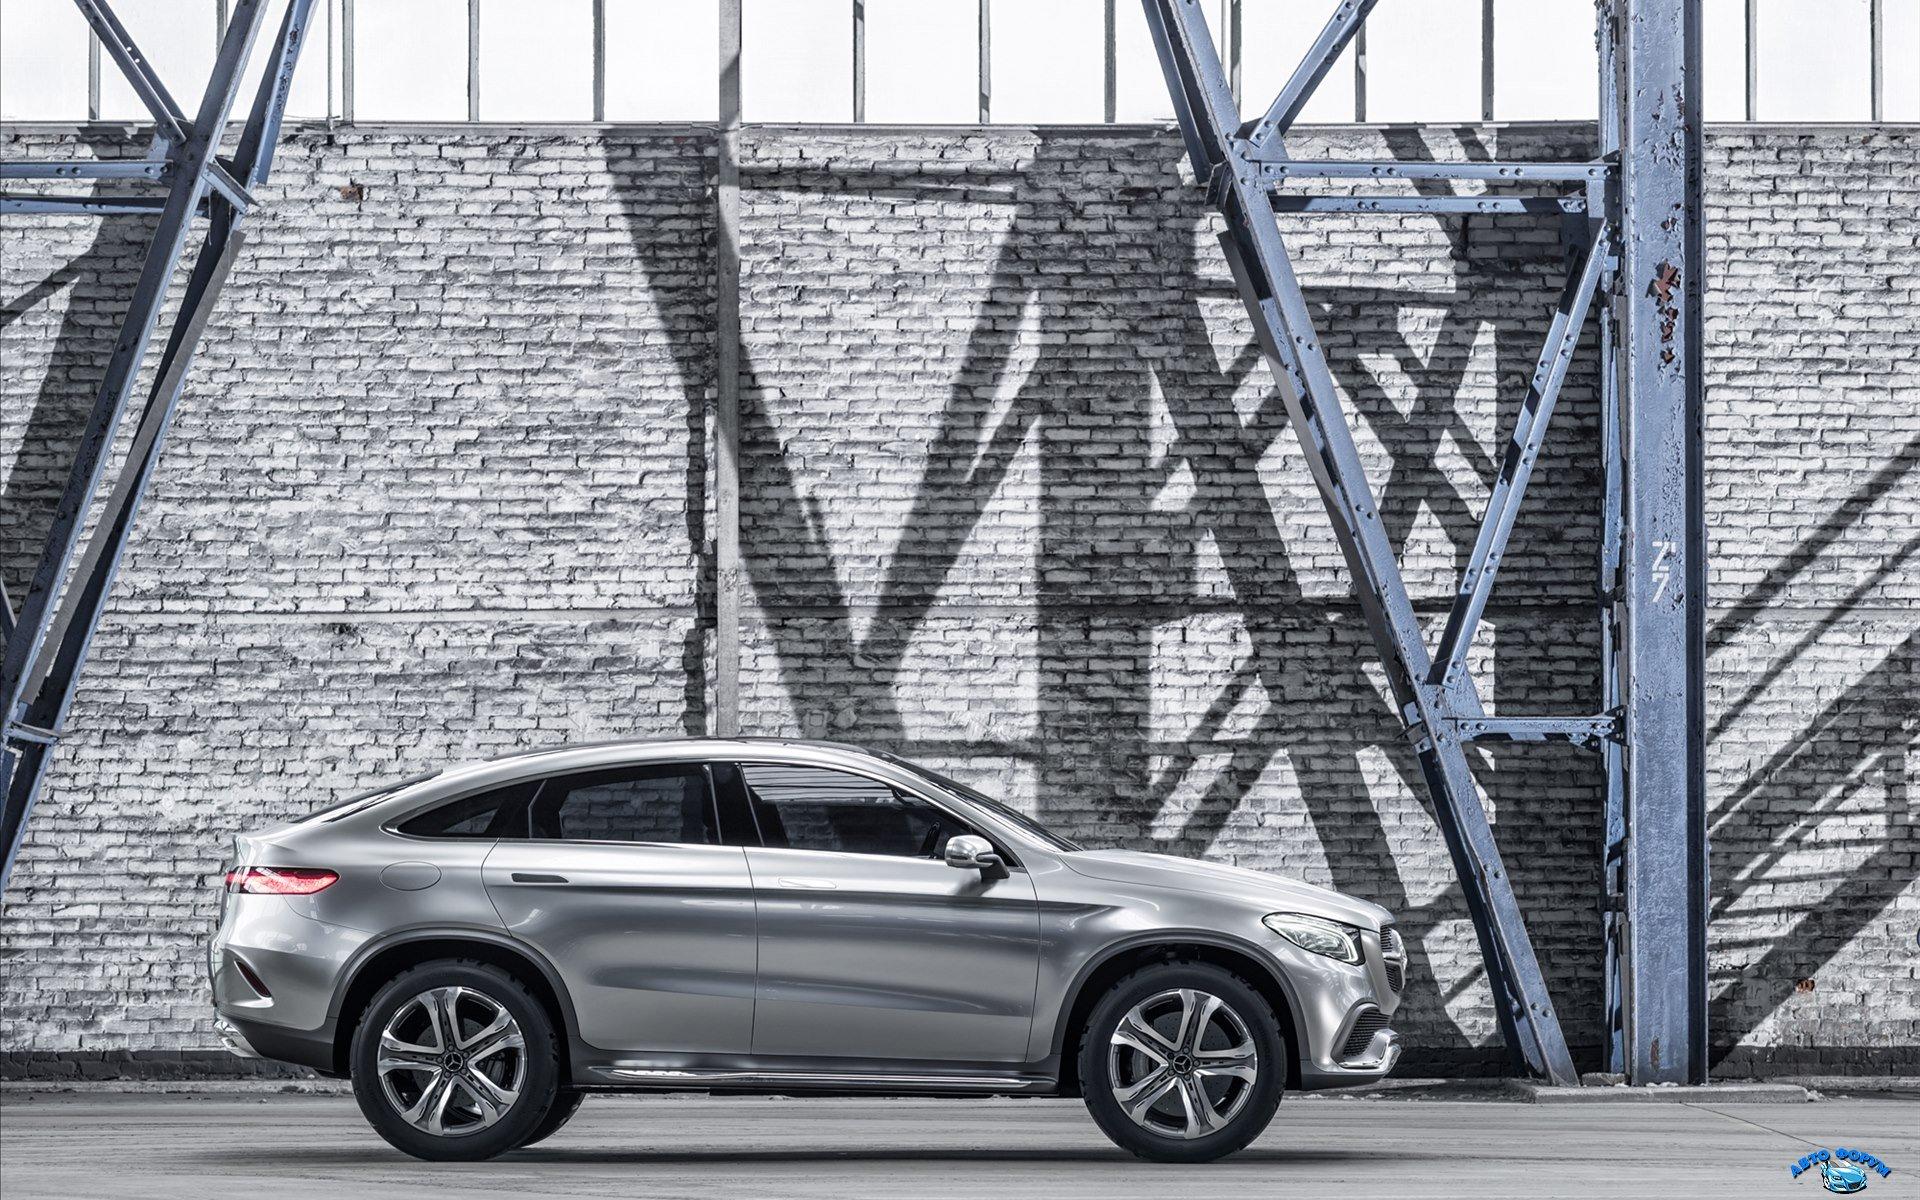 Mercedes-Benz-Coupe-SUV-Concept-2014-widescreen-04.jpg